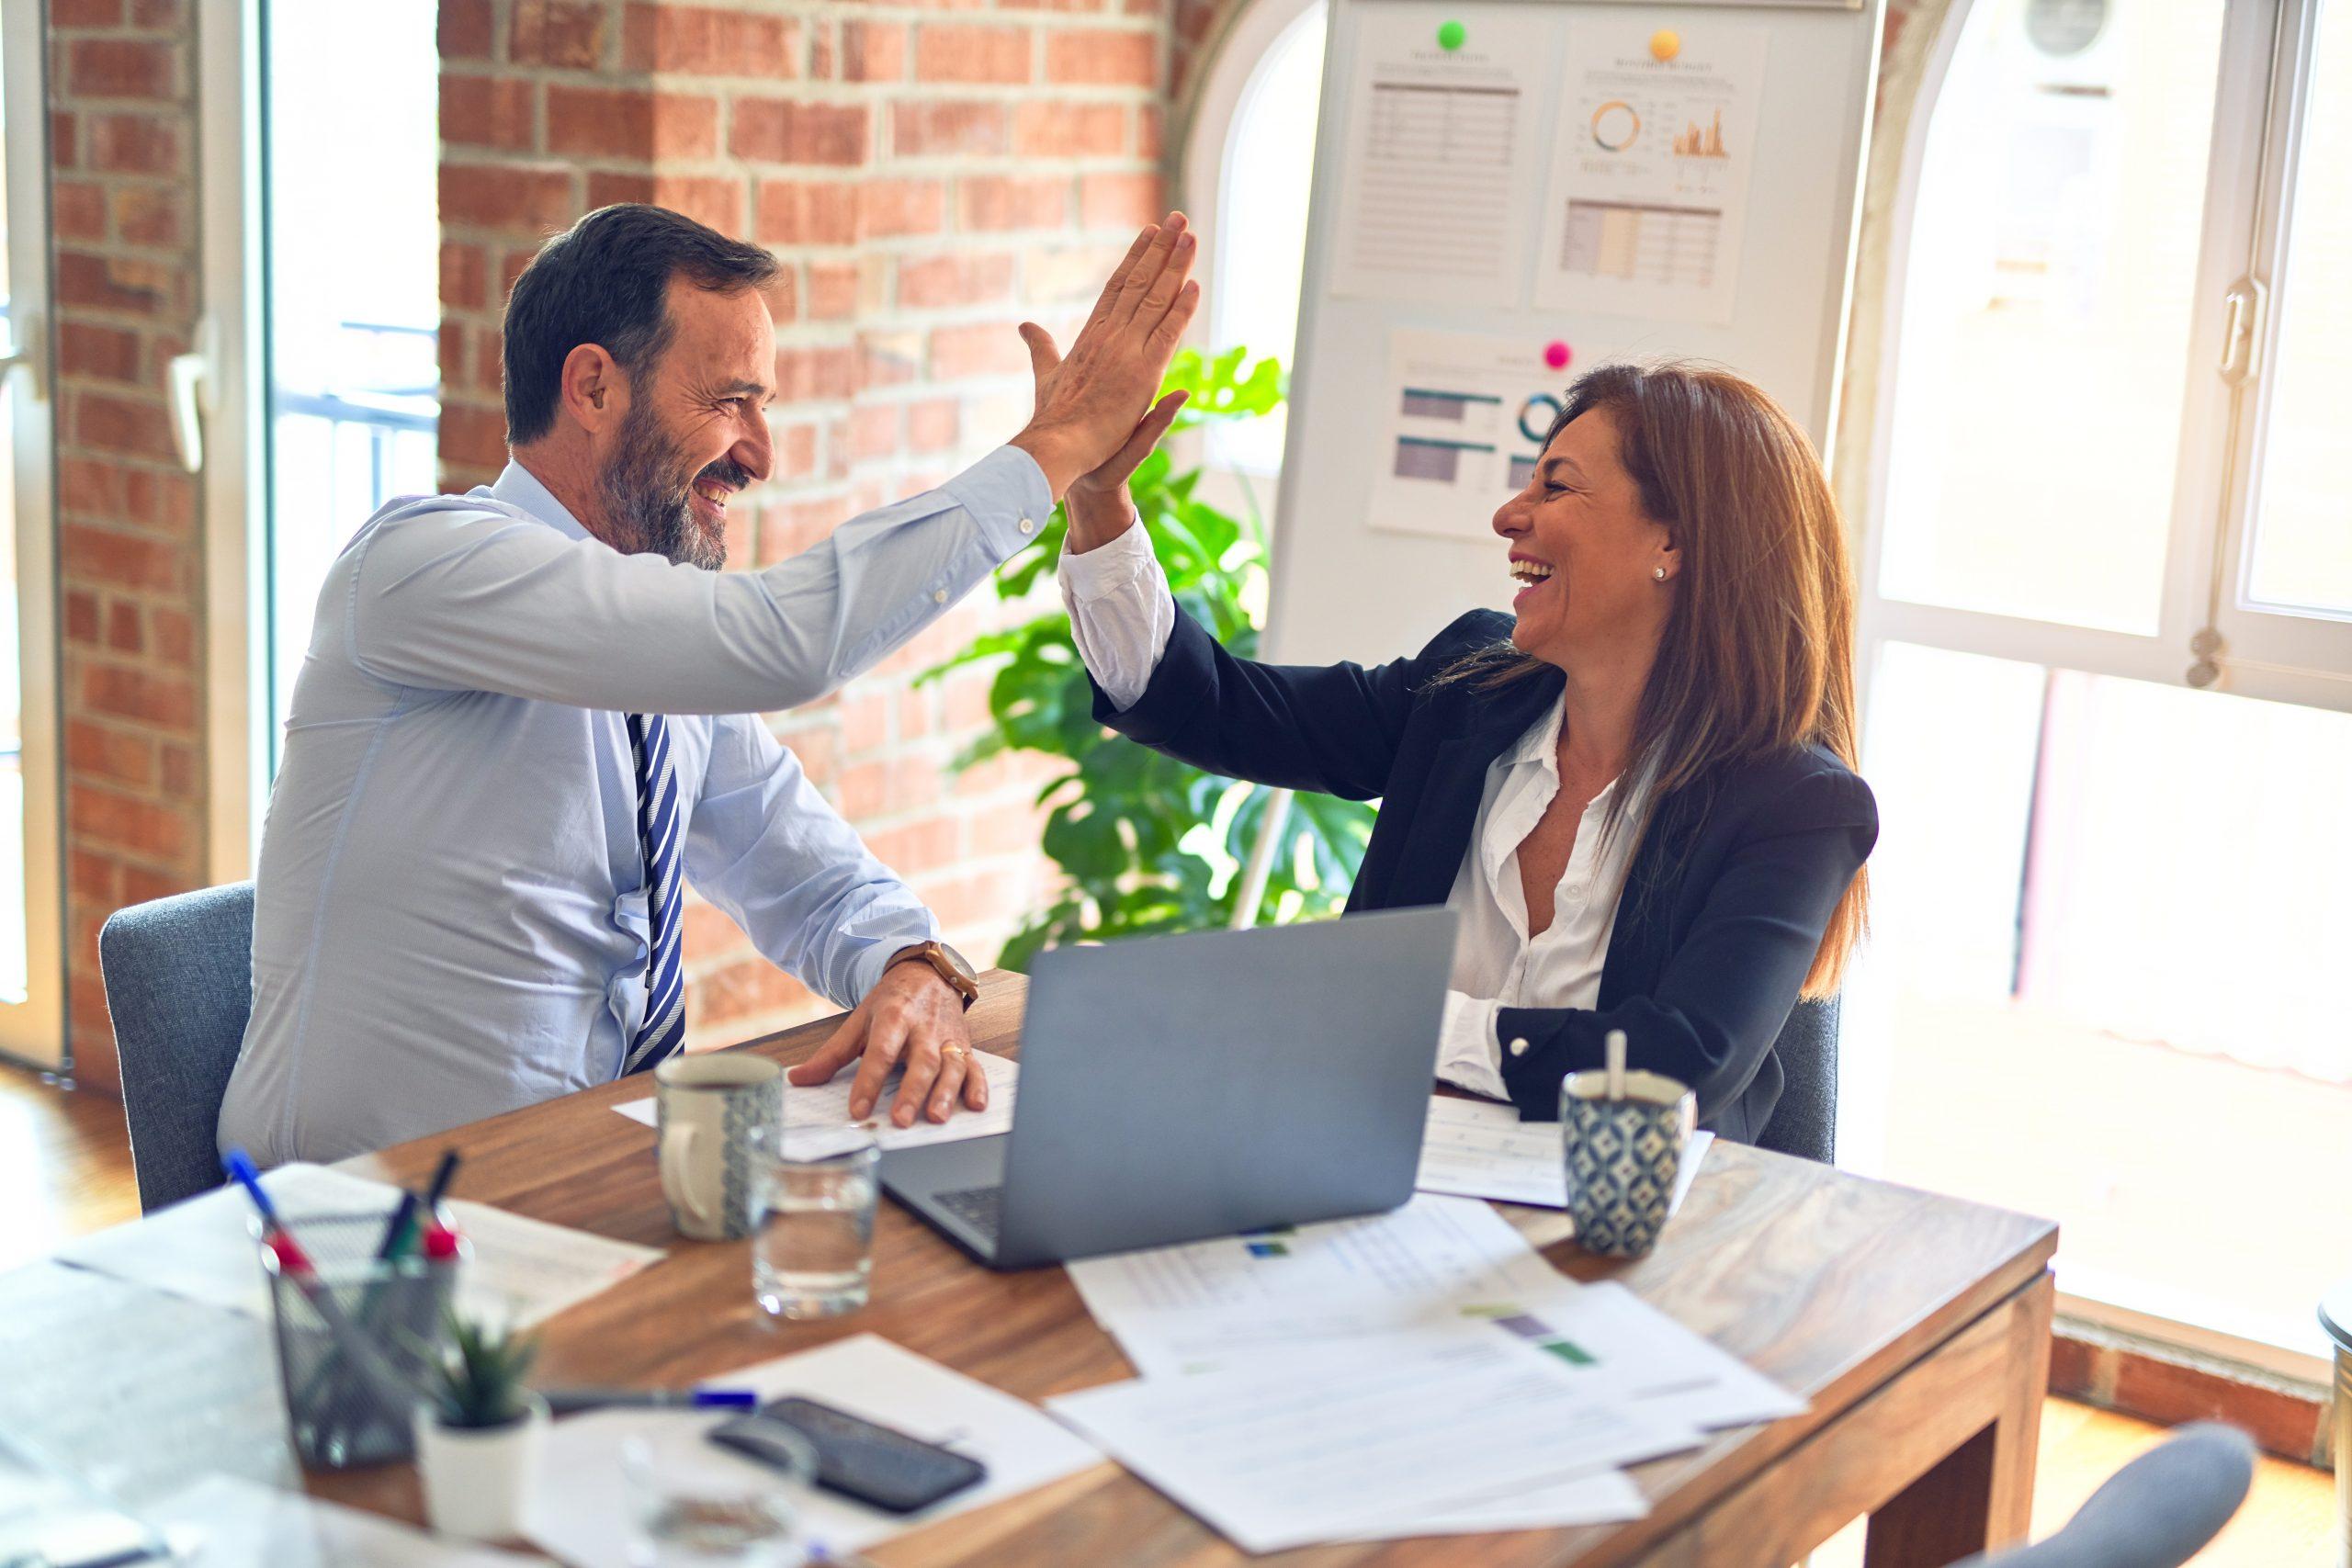 Ottimizzare le vendite a partire dalla scelta del direttore commerciale e direttore vendite